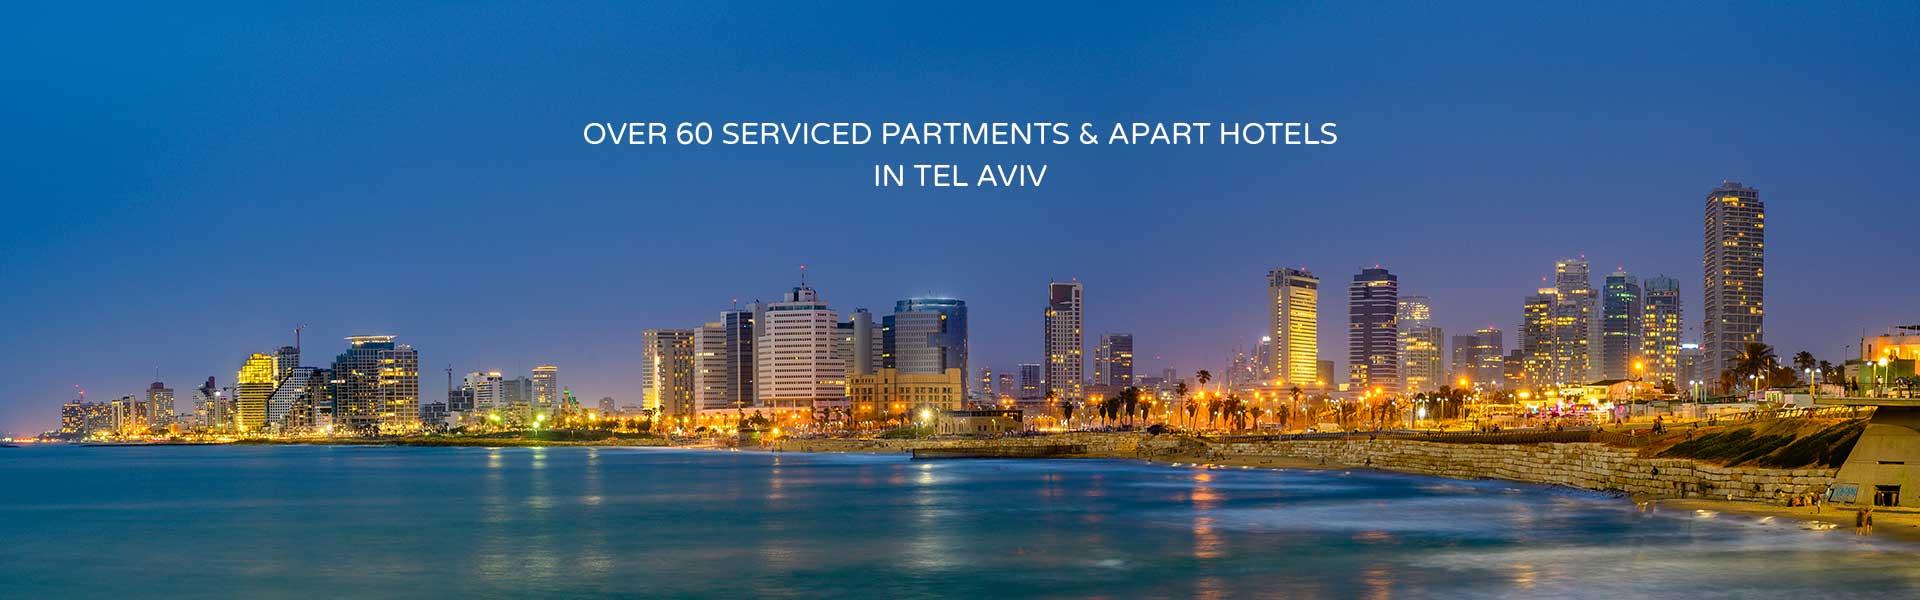 Raphael Hotels Tel Aviv